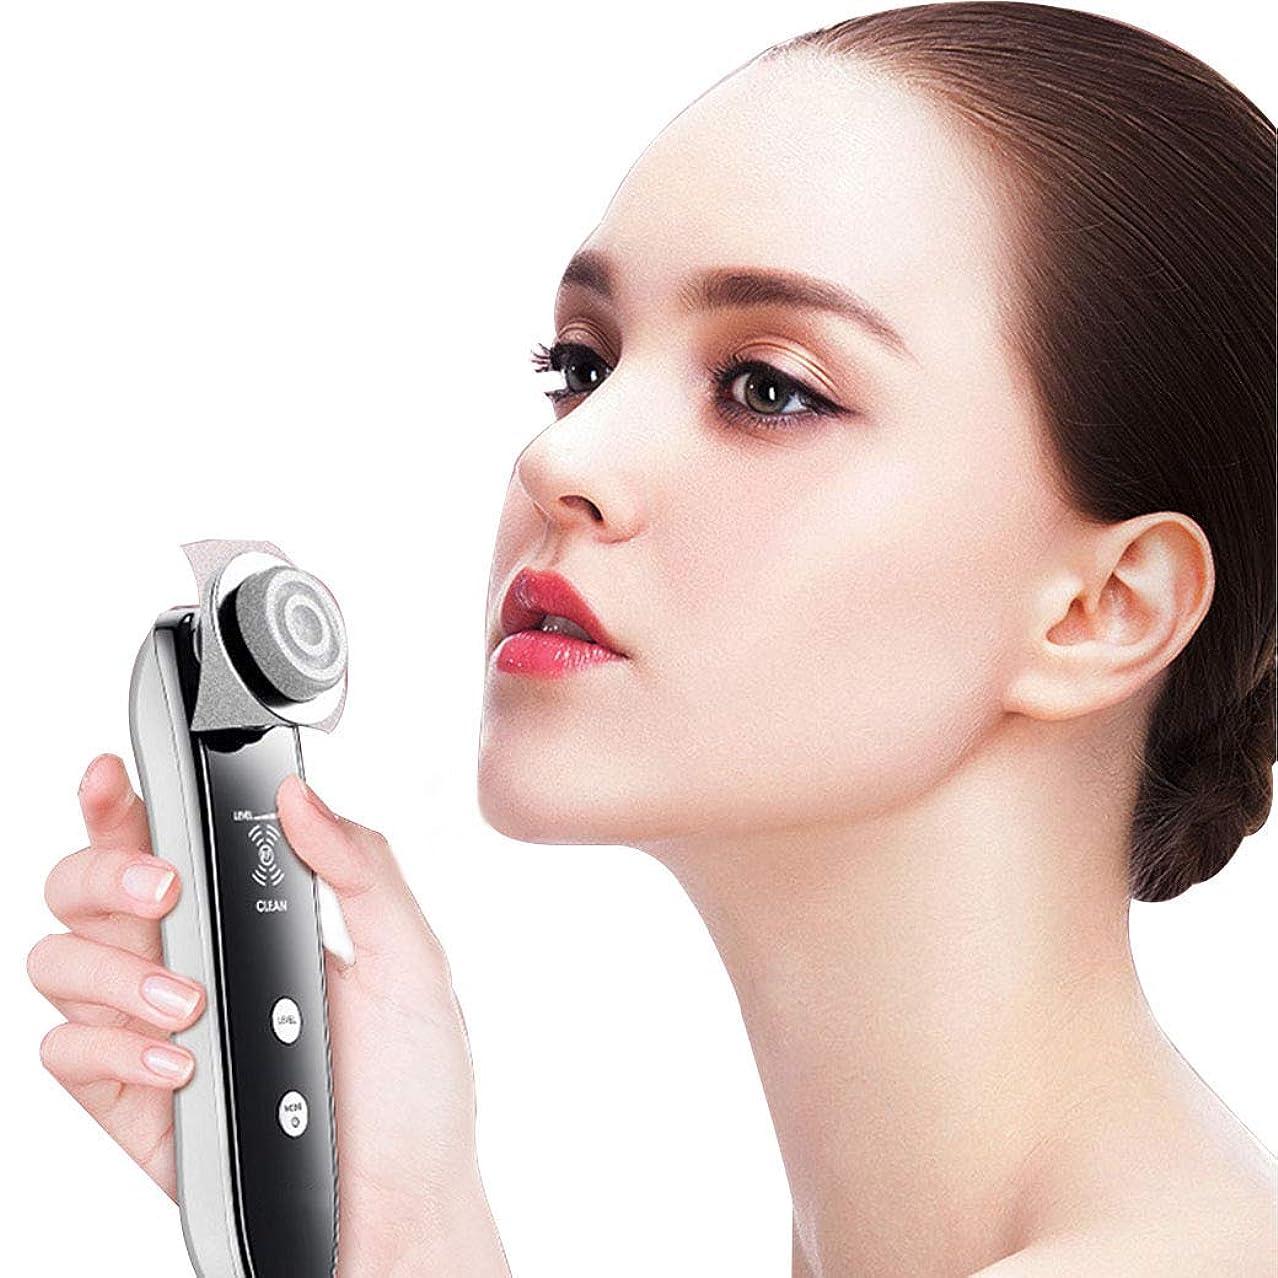 符号構成する止まるRF の無線周波数の美の器械 5 1 の多機能の顔のマッサージ器、皮の気遣うことのための美装置、穏やかな剥離および気孔の収縮のための機械